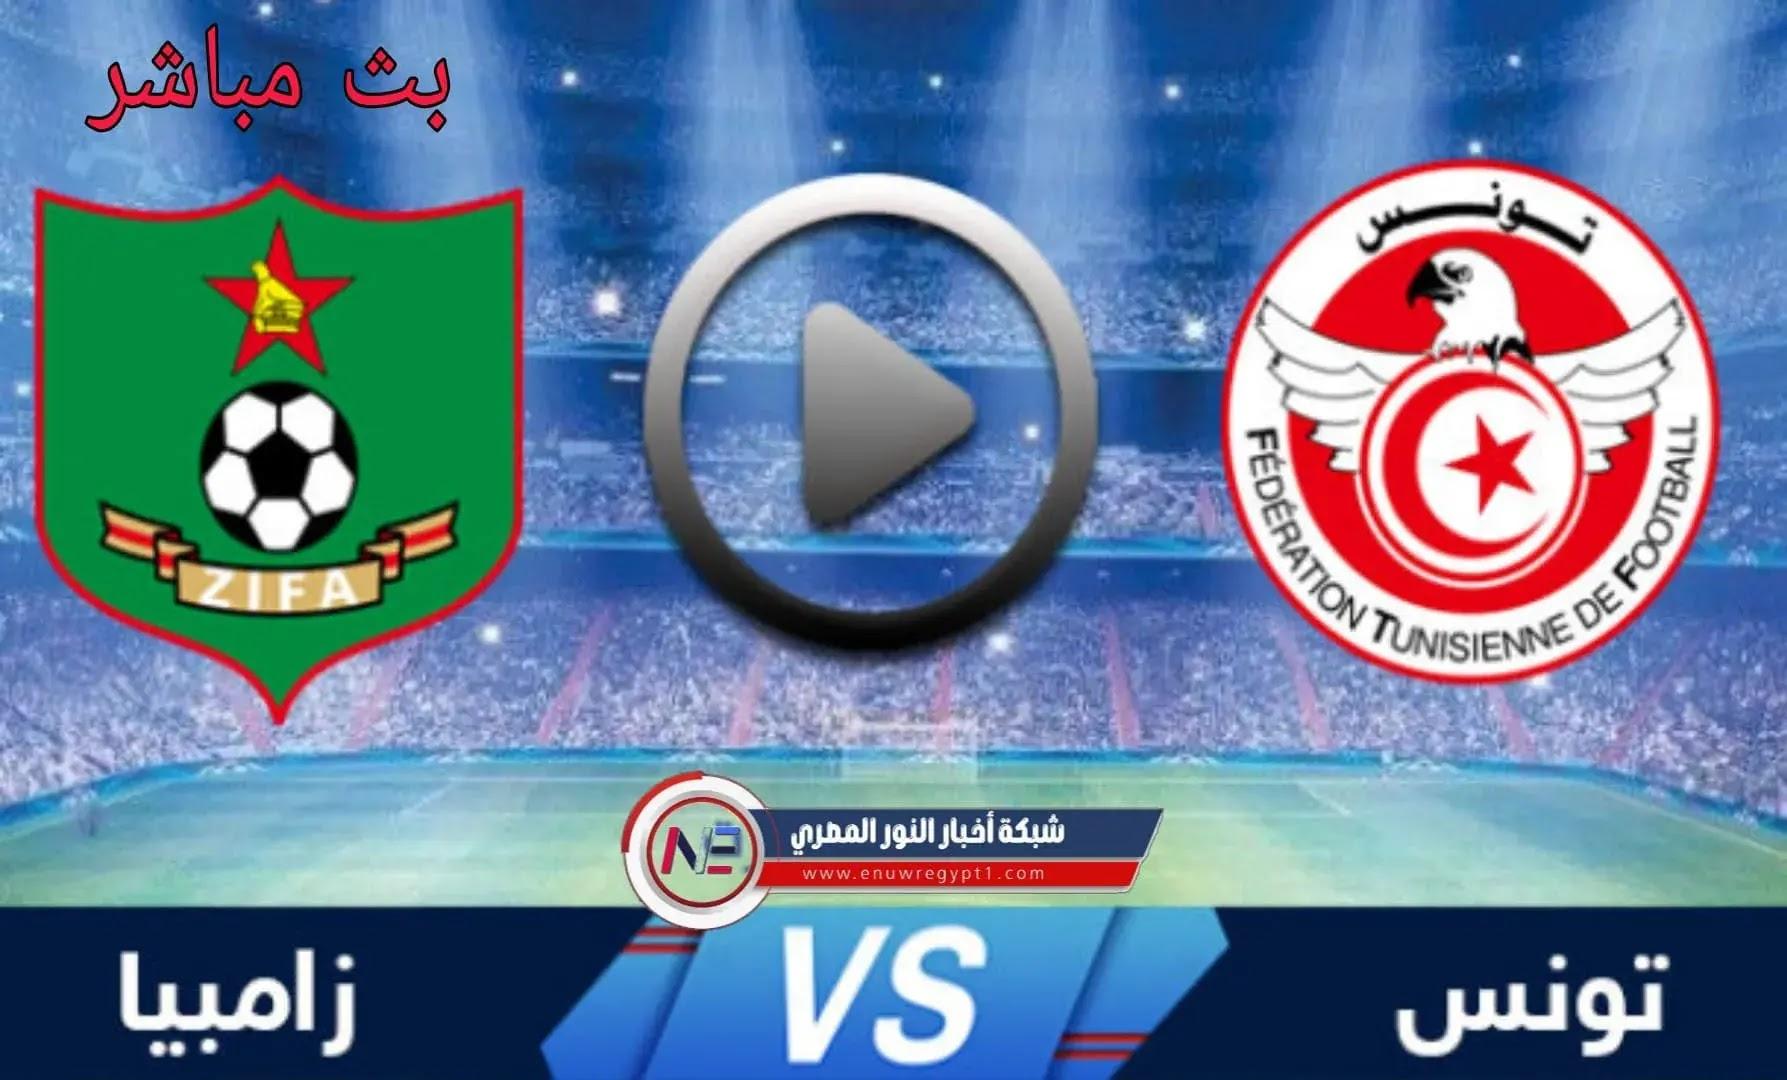 كورة لايف HD يوتيوب .. بث مباشر مشاهدة مباراة زامبيا و تونس لايف اليوم 02-09-2021 في تصفيات كأس العالم